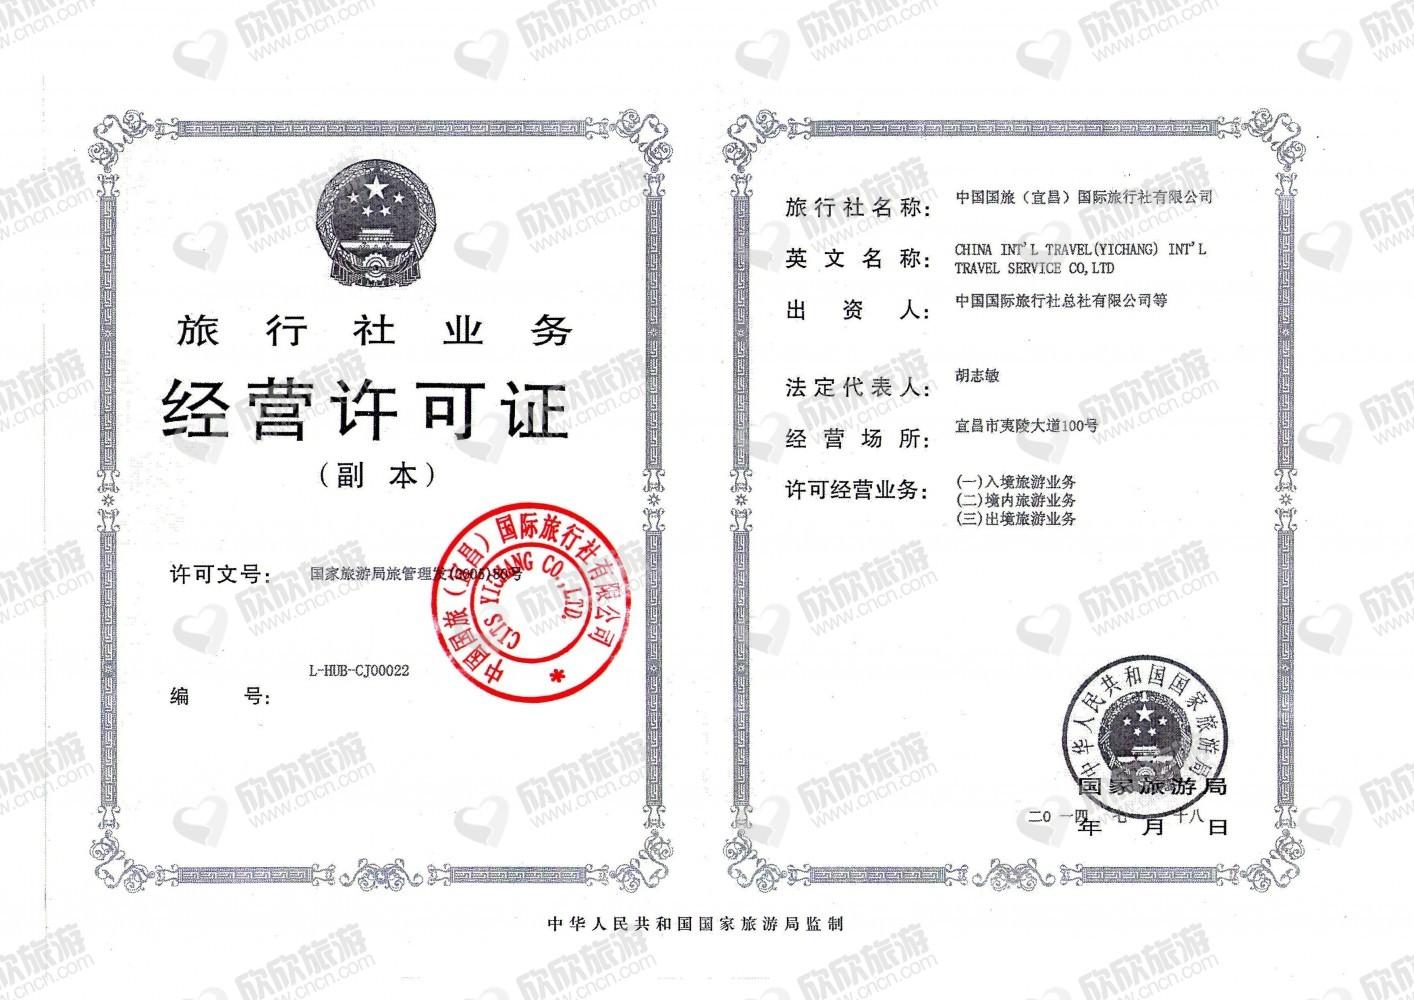 中国国旅(宜昌)国际旅行社有限公司经营许可证